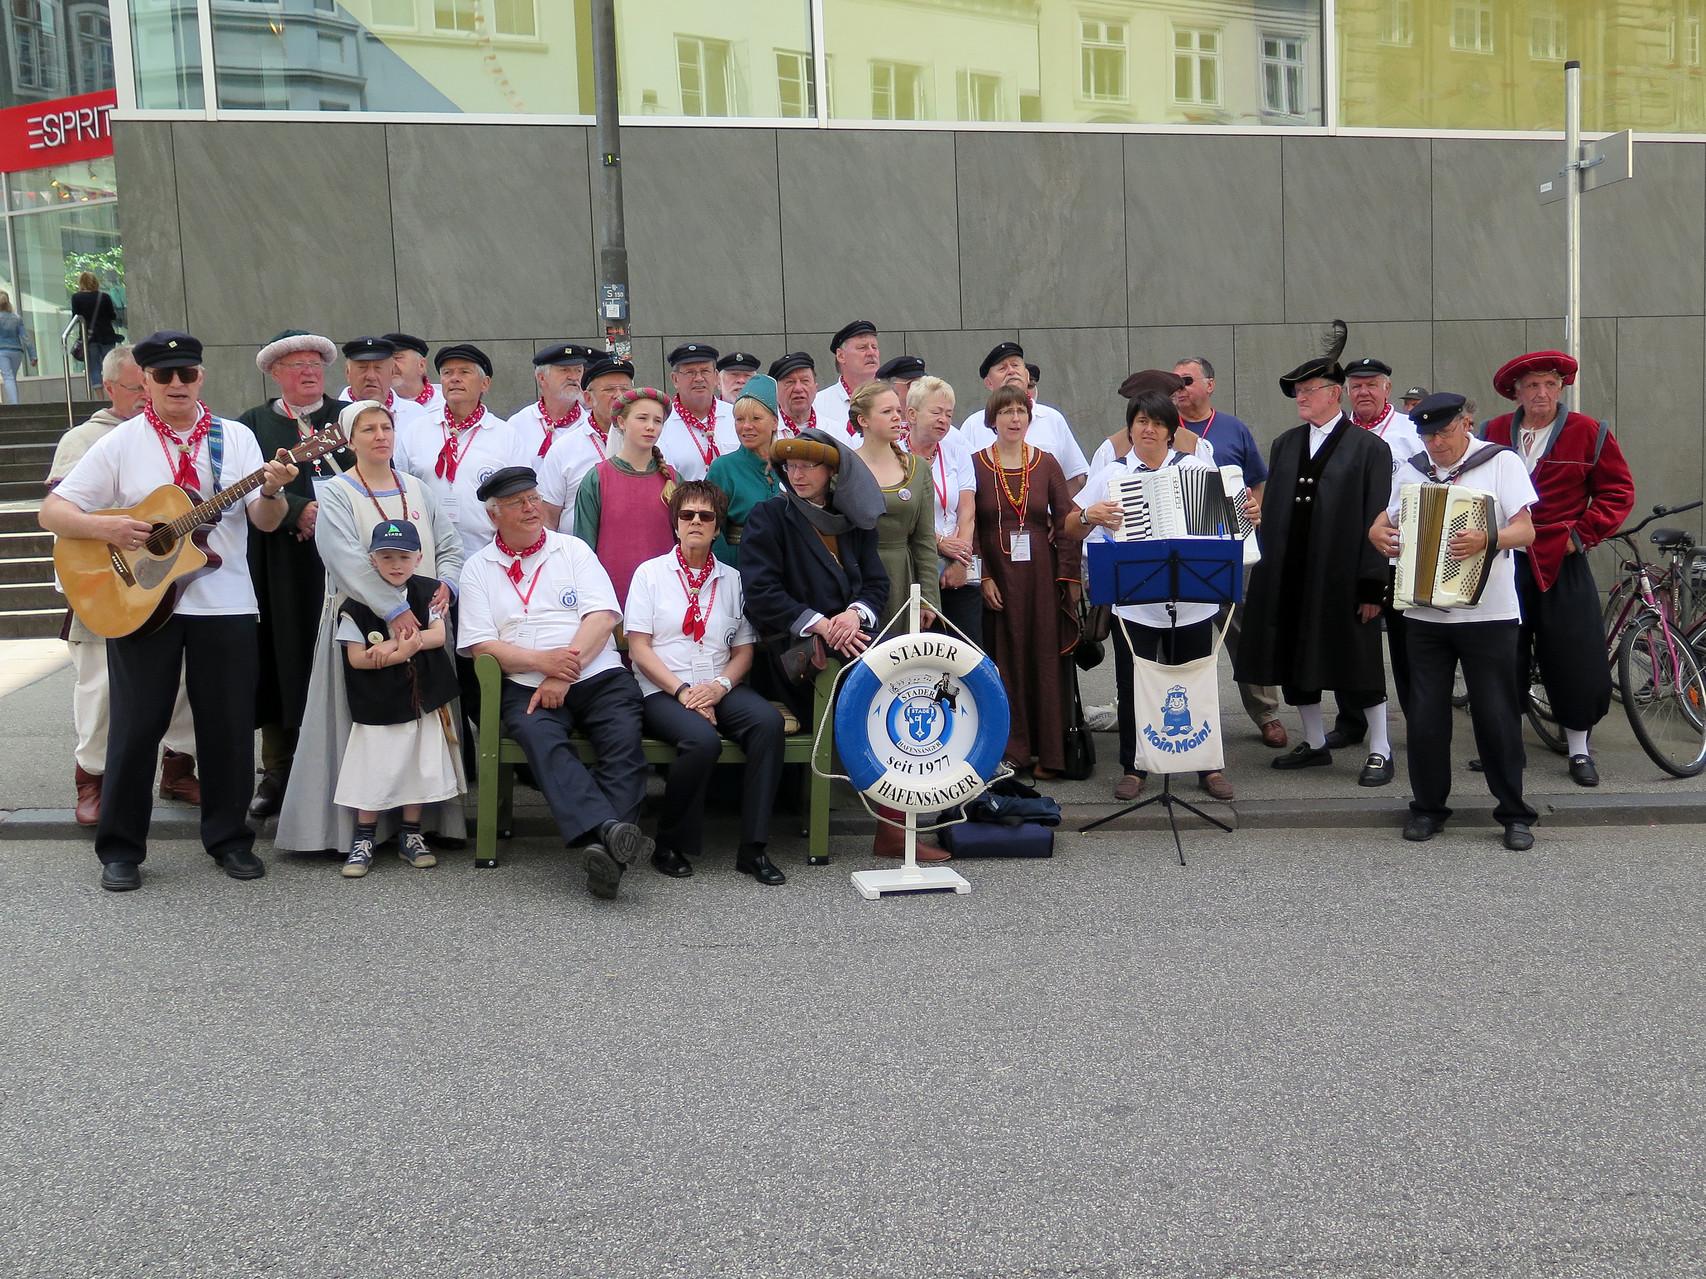 """...Stader Delegation sangen mit uns -""""Stade am schönen Elbestrand""""...."""